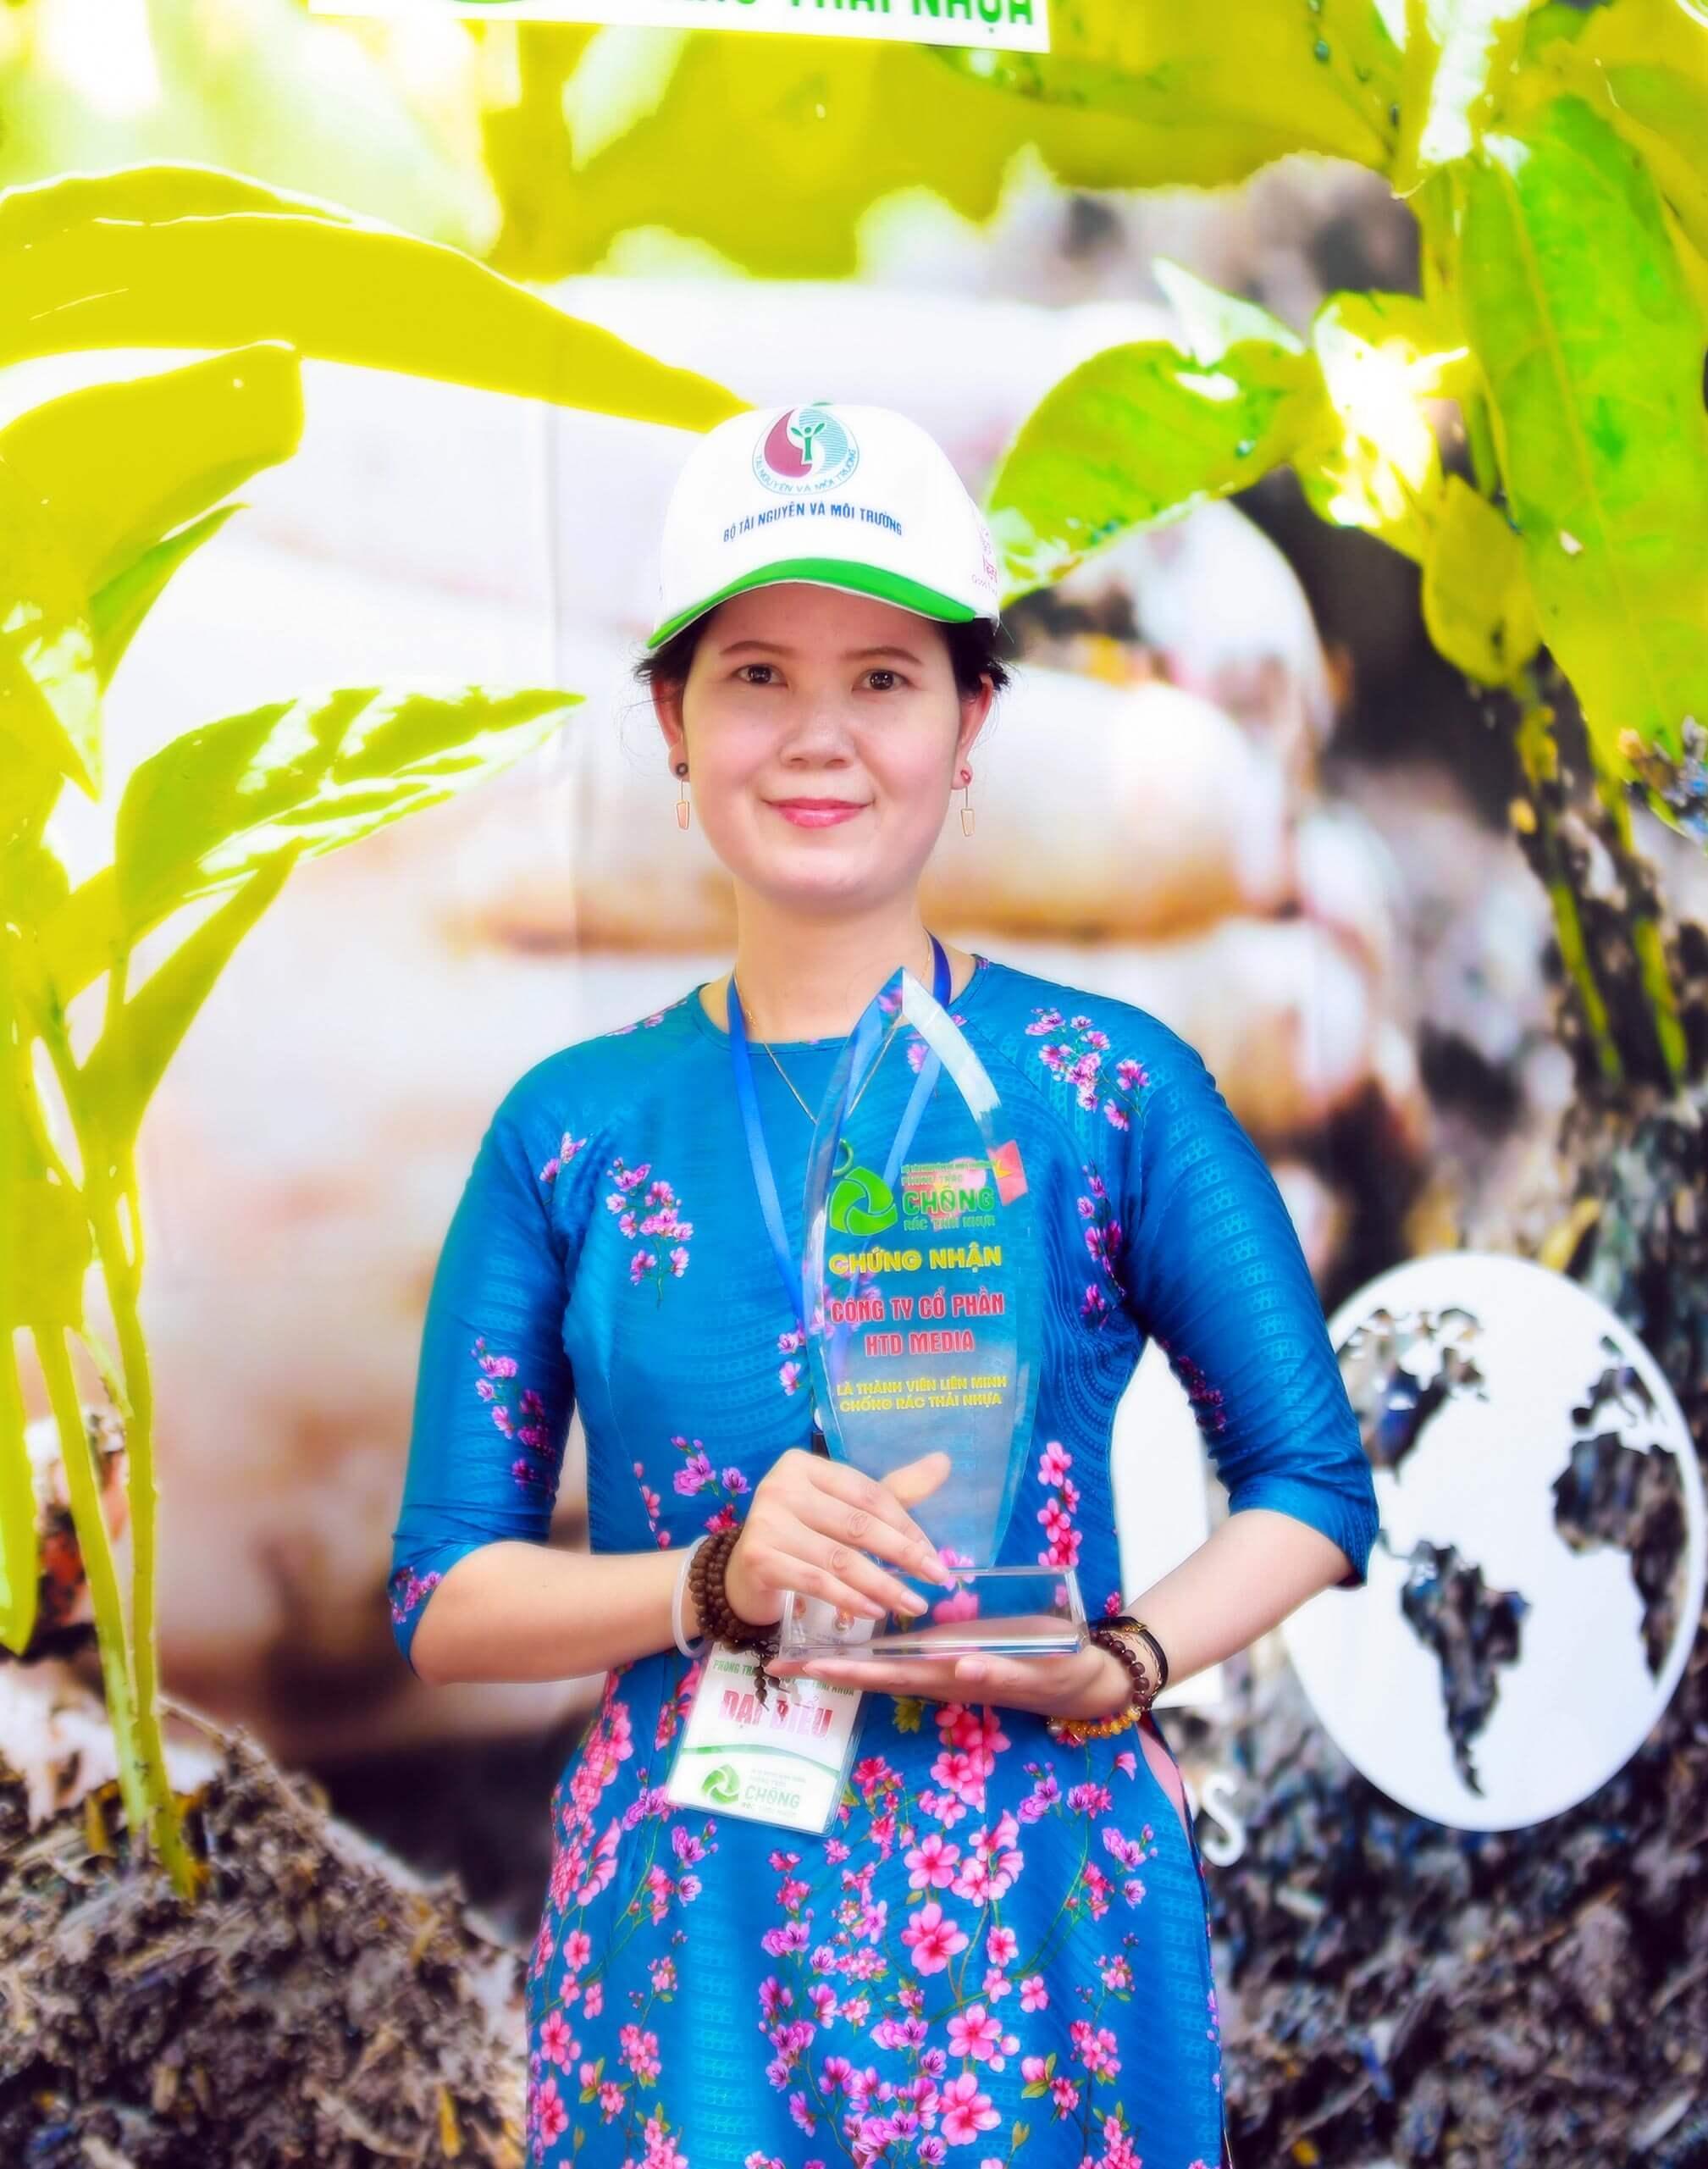 Ảnh tác giả Nguyễn Thị Kim Đức